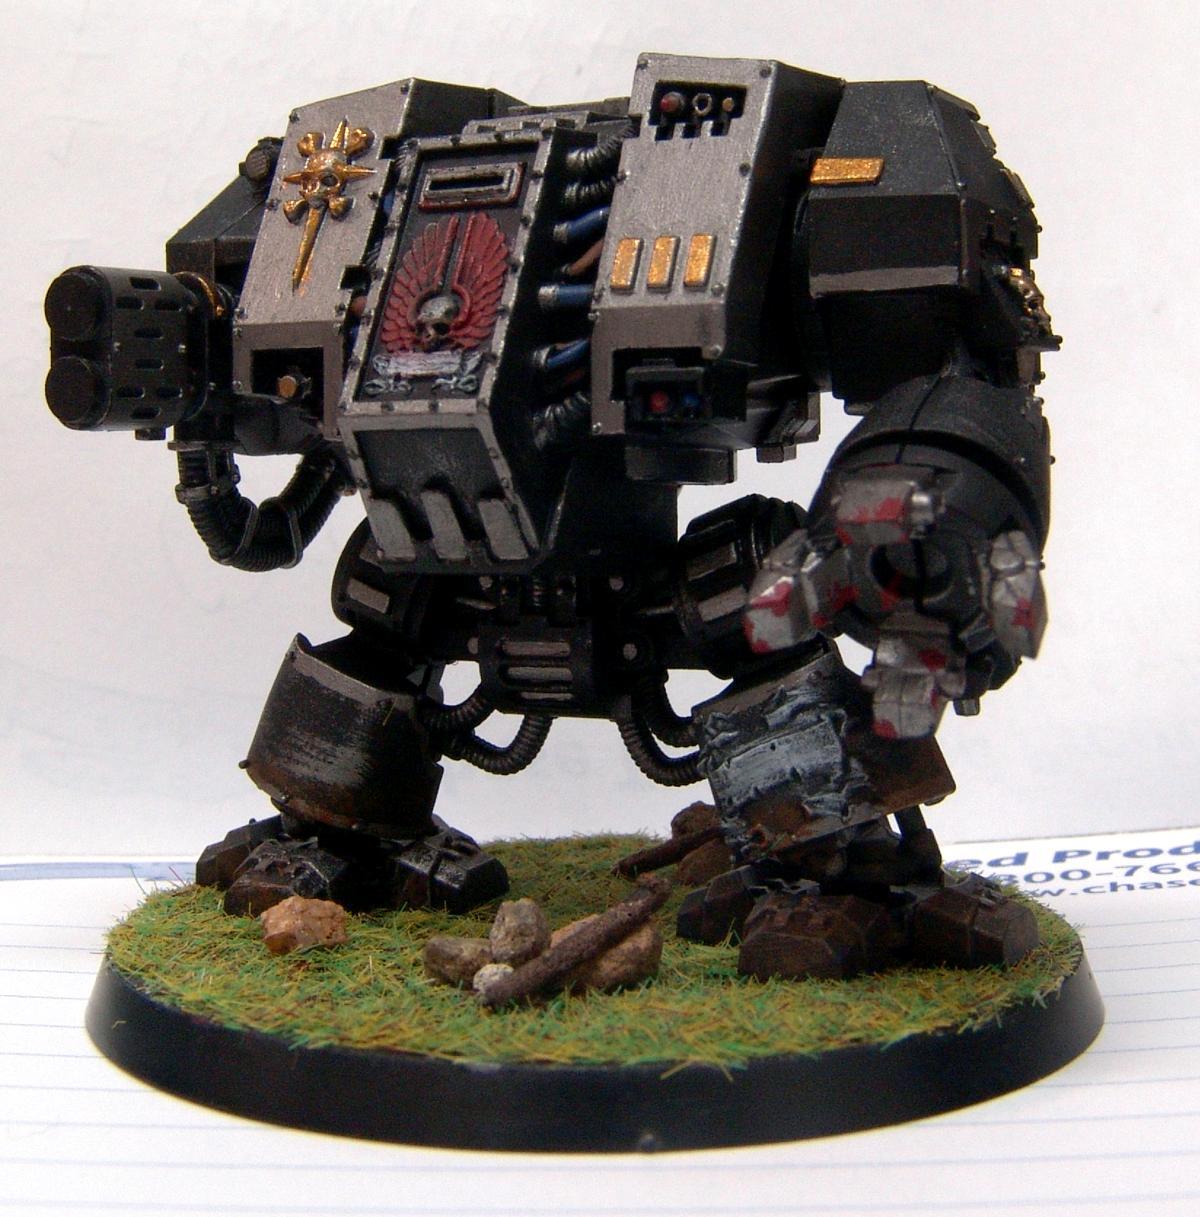 Base, Dreadnought, Gold, Grass, Gun Metal, Iron Hands, Rocks, Sticks